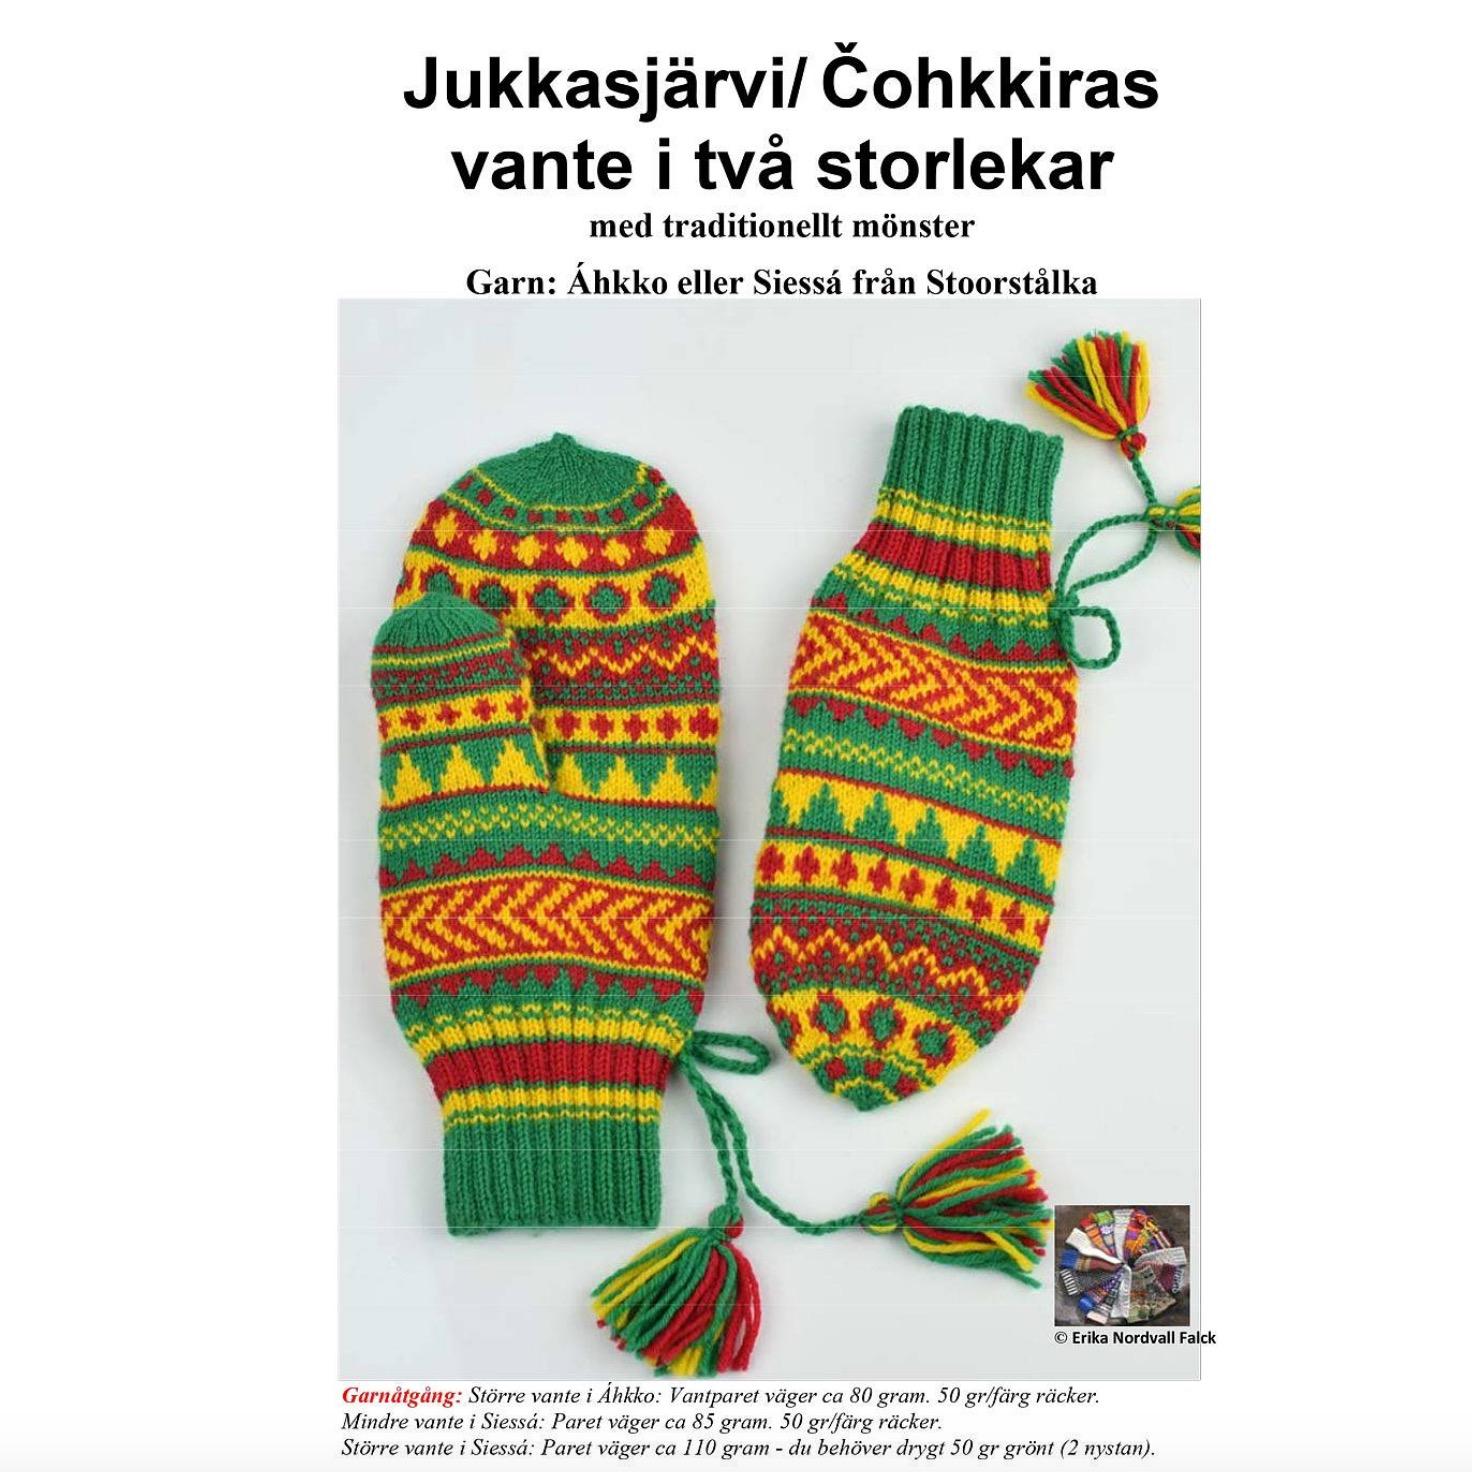 Jukkasjärvi/Čohkkiras Gröna vantar, Stoorstålka